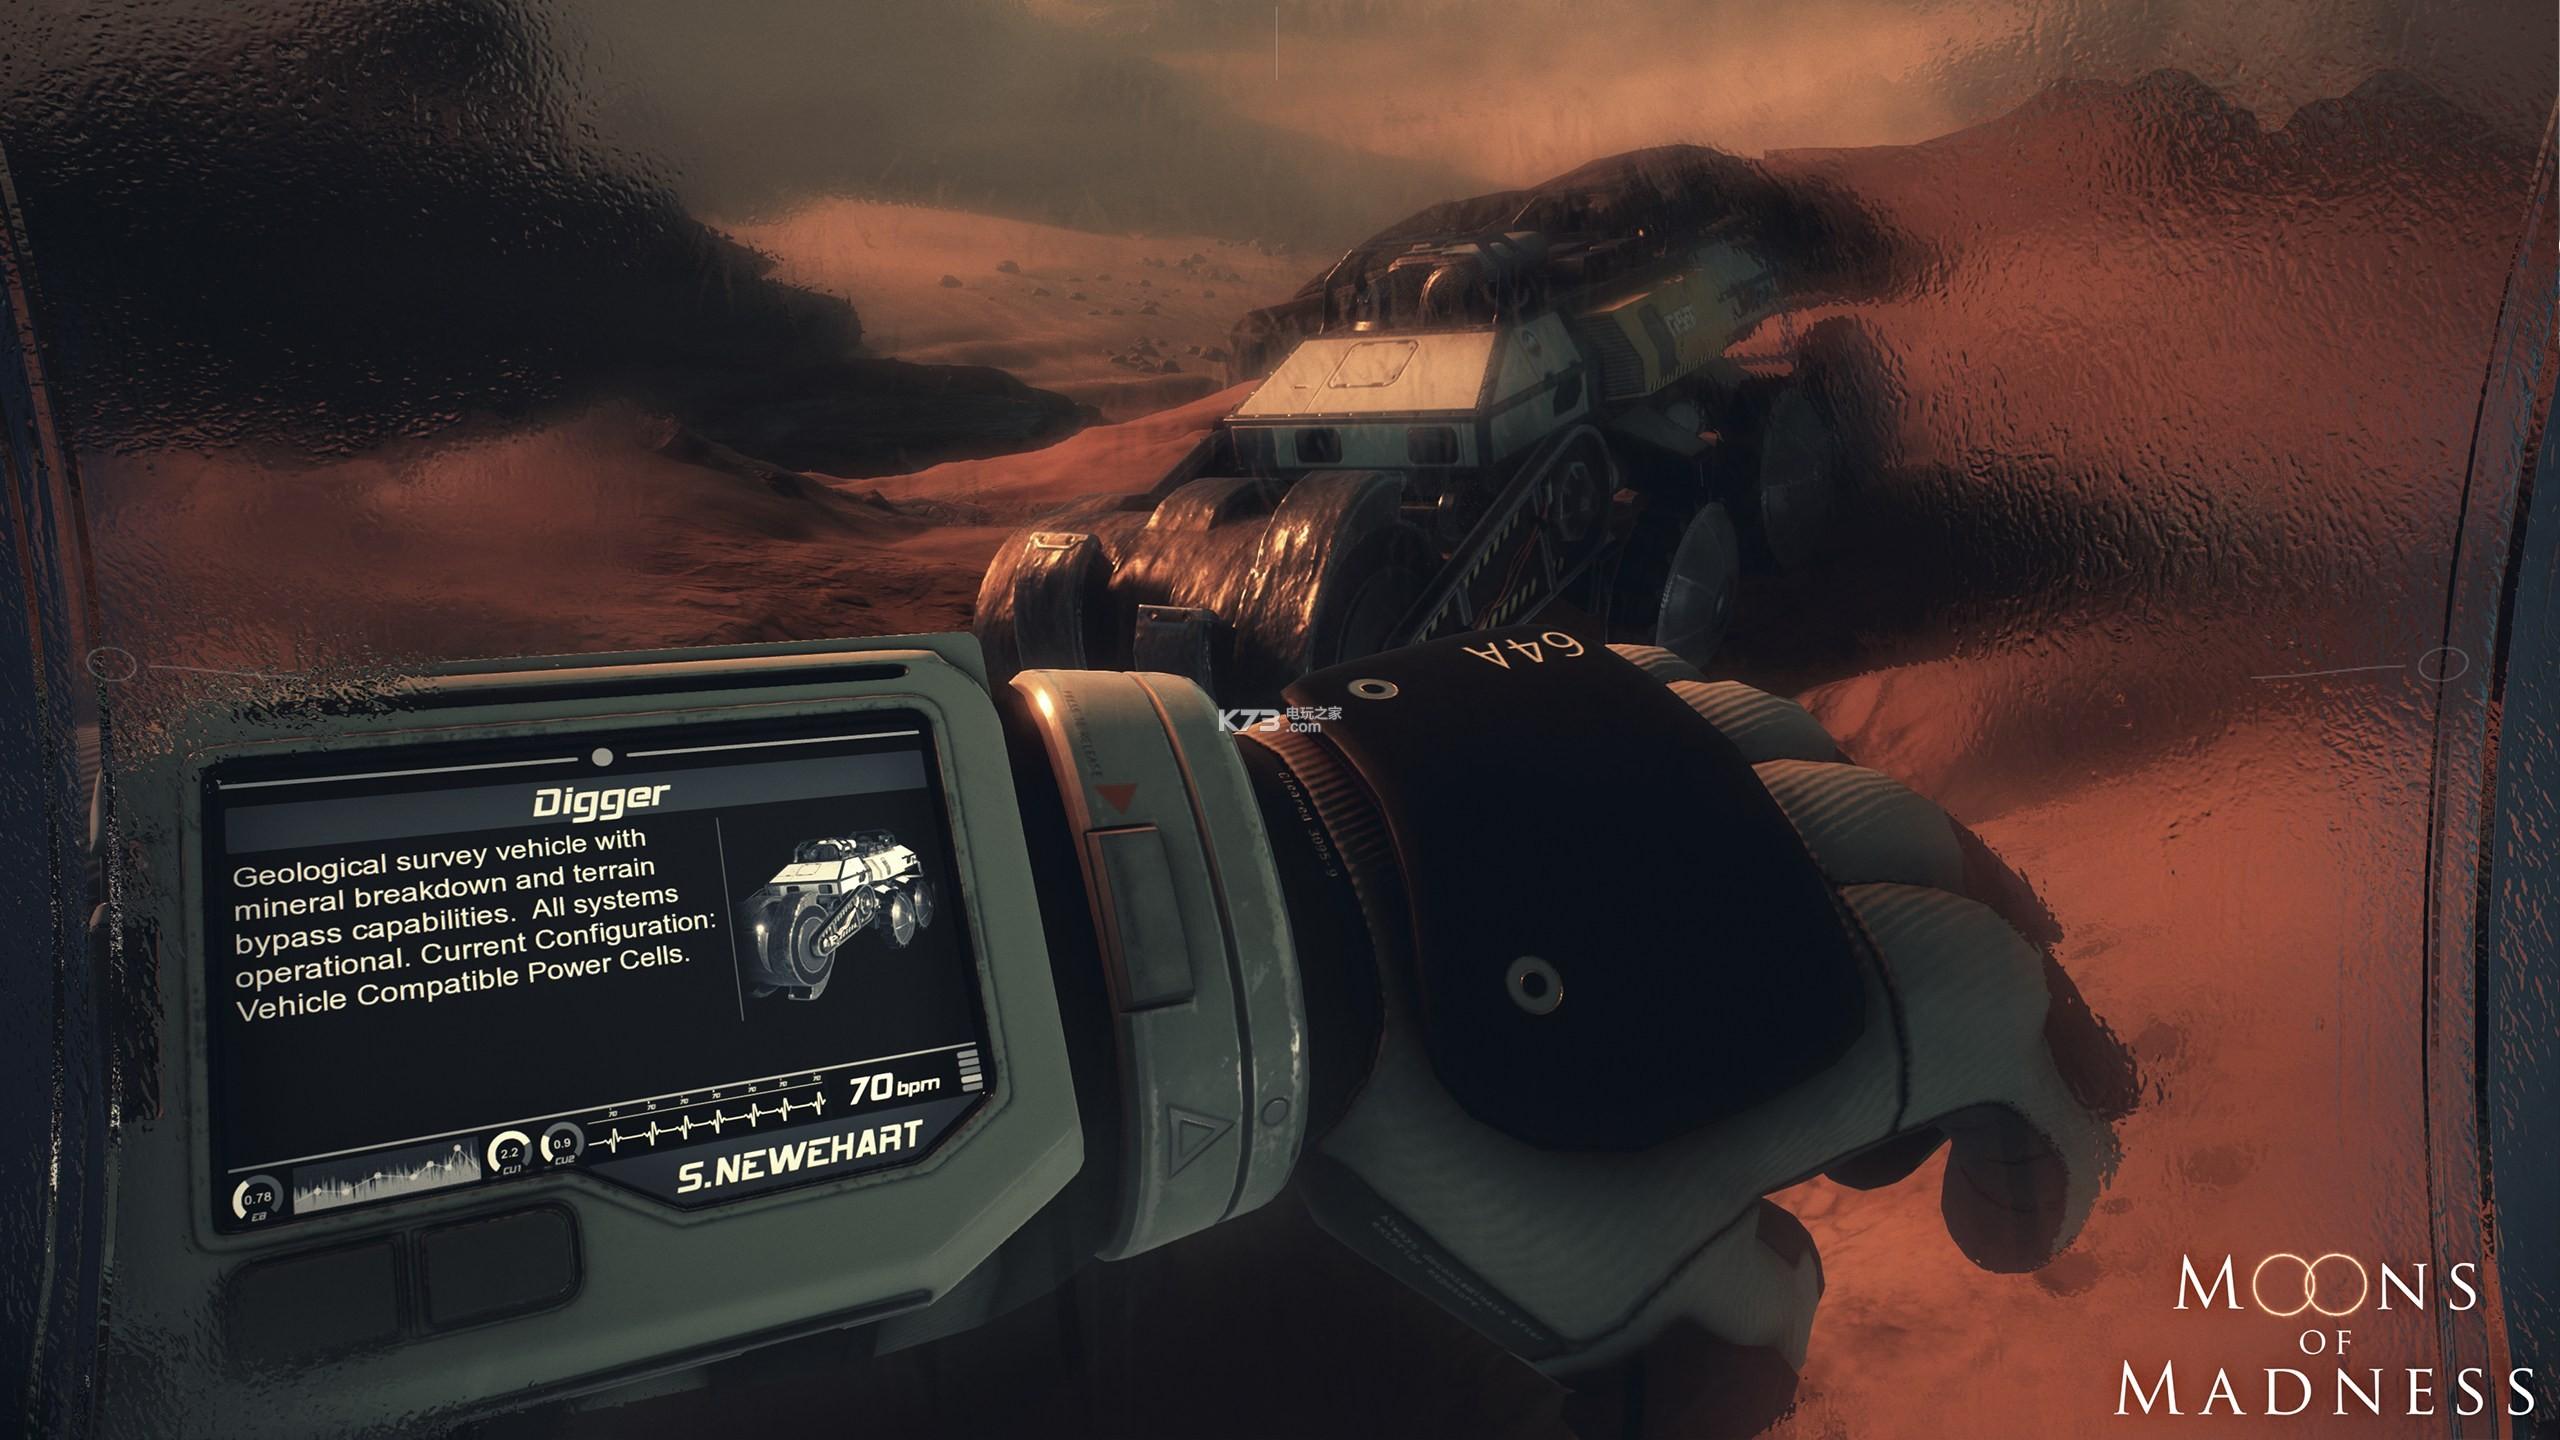 心理恐怖游戏《疯狂之月》公布